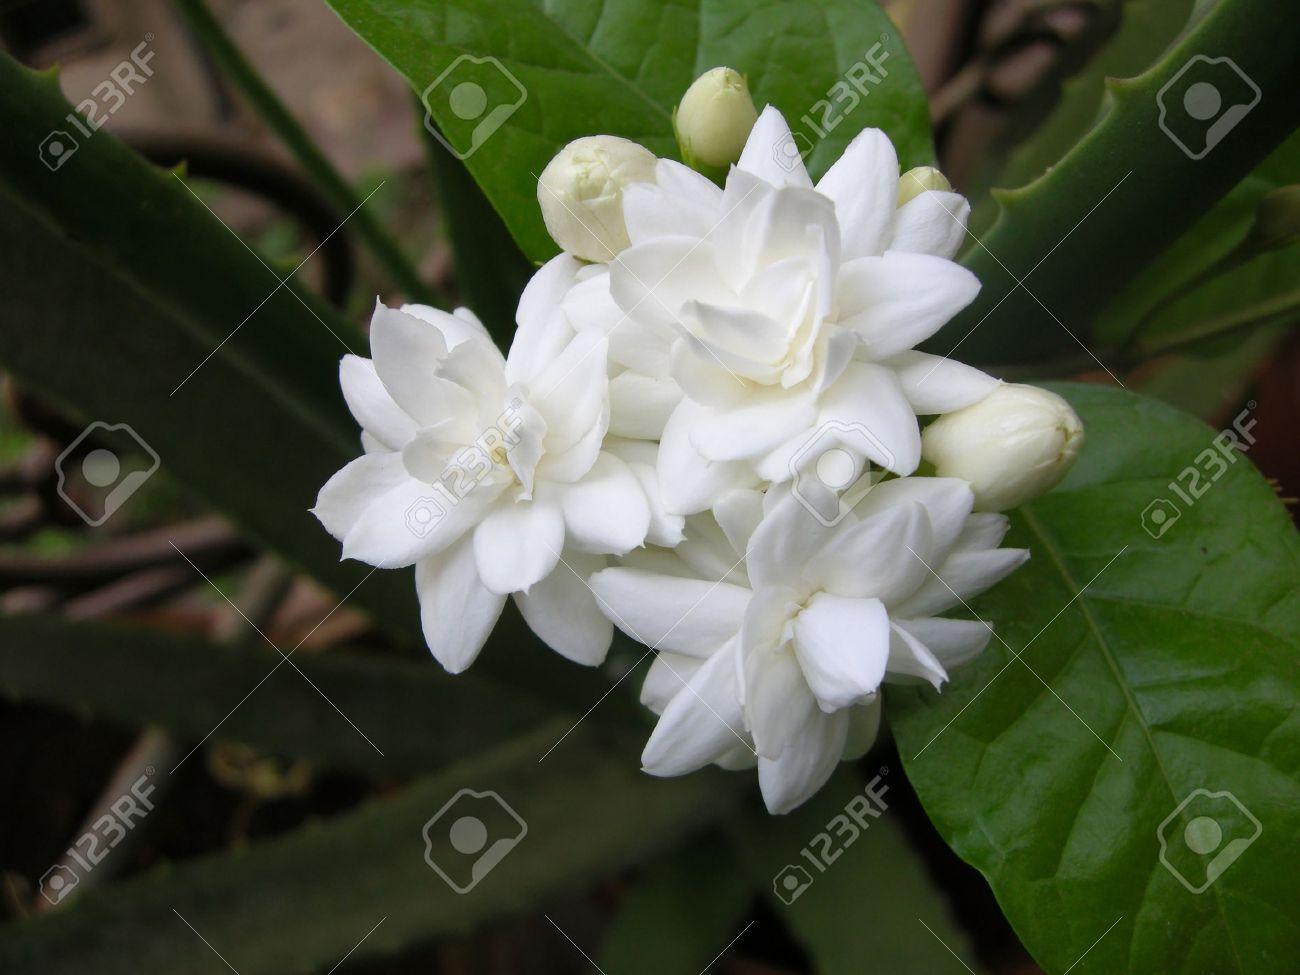 fragrant white flowers  flower, Natural flower